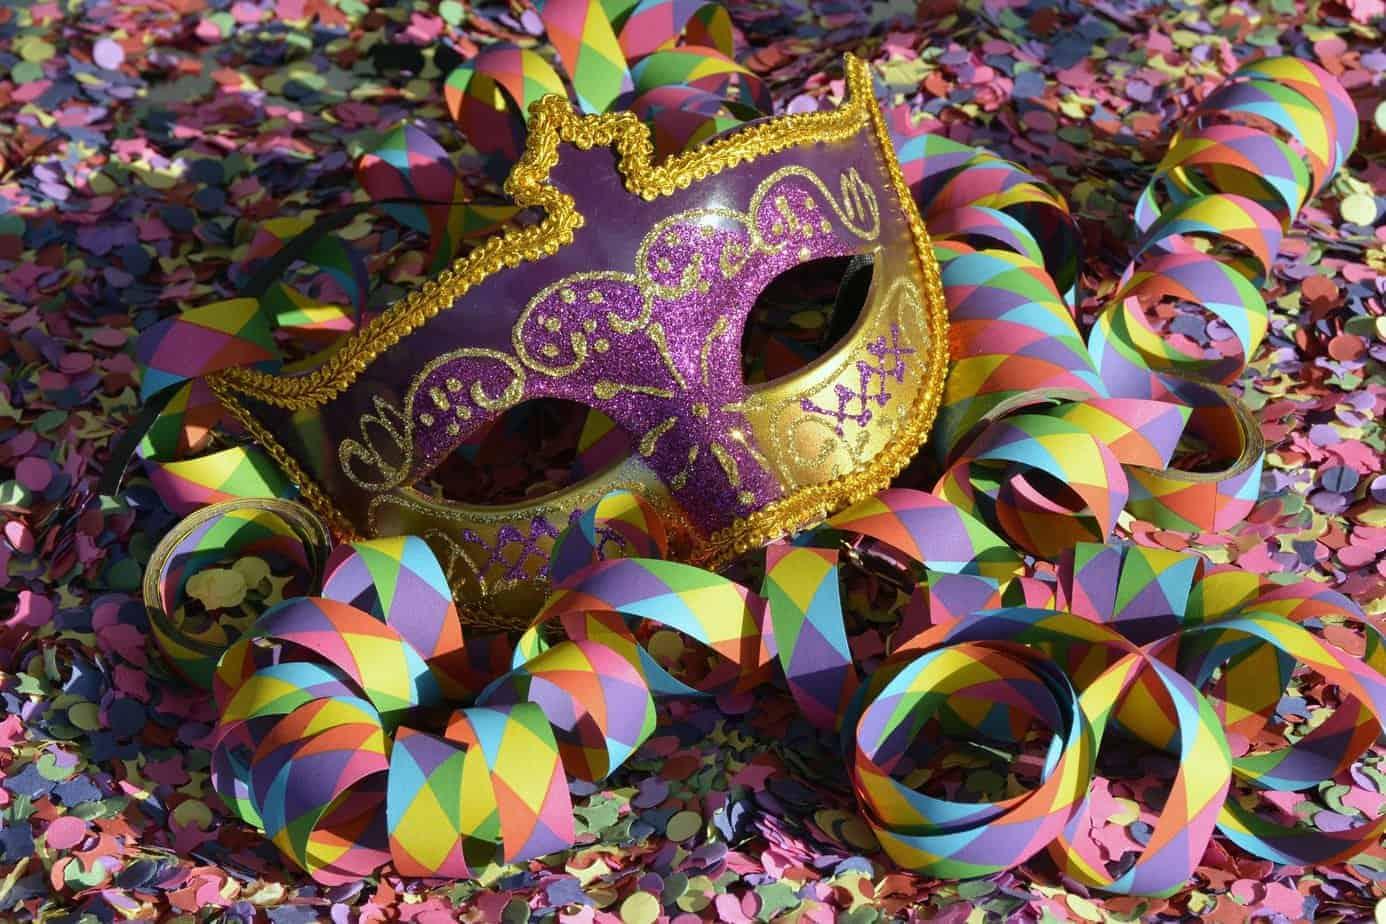 Typische Faschingsszenerie. Eine venezianische Karnevalsmaske sowie Luftschlangen auf einem Konfettibett.